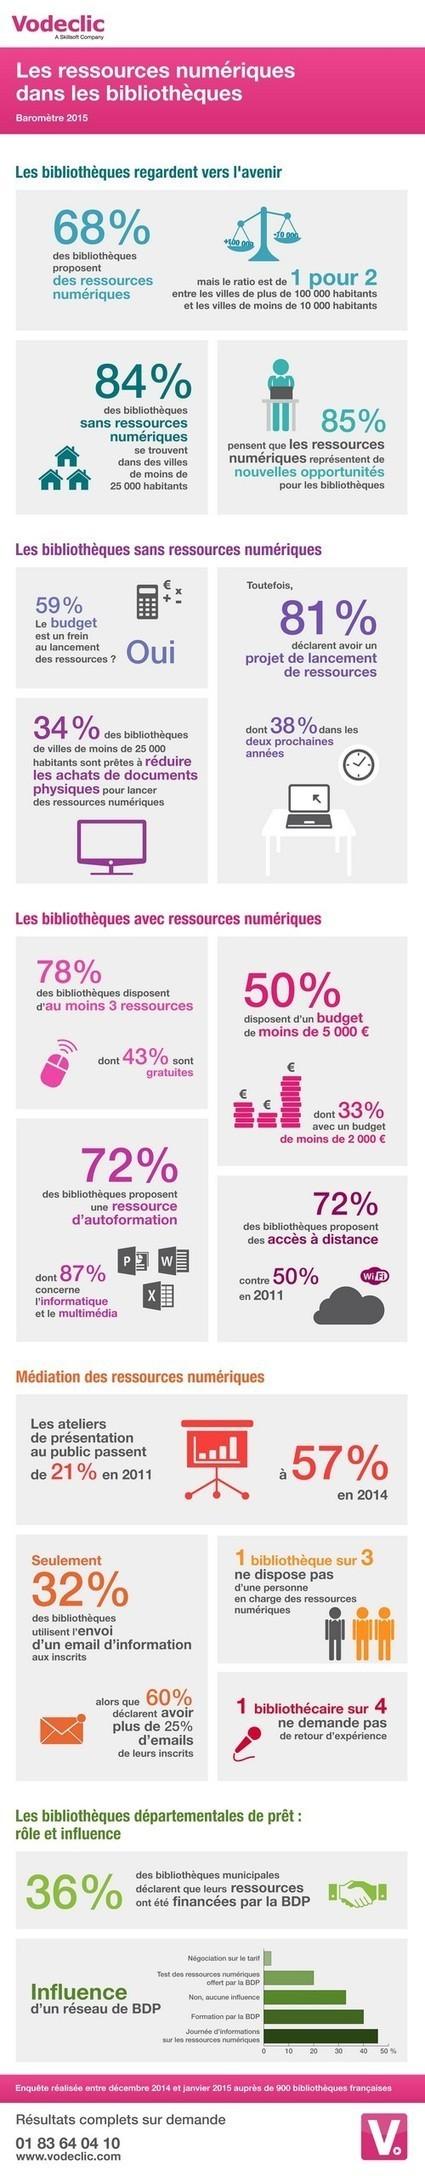 Enquête sur les ressources numériques en bibliothèque | Bulletin des bibliothèques de France | L'E-book et le numérique en bibliothèque | Scoop.it